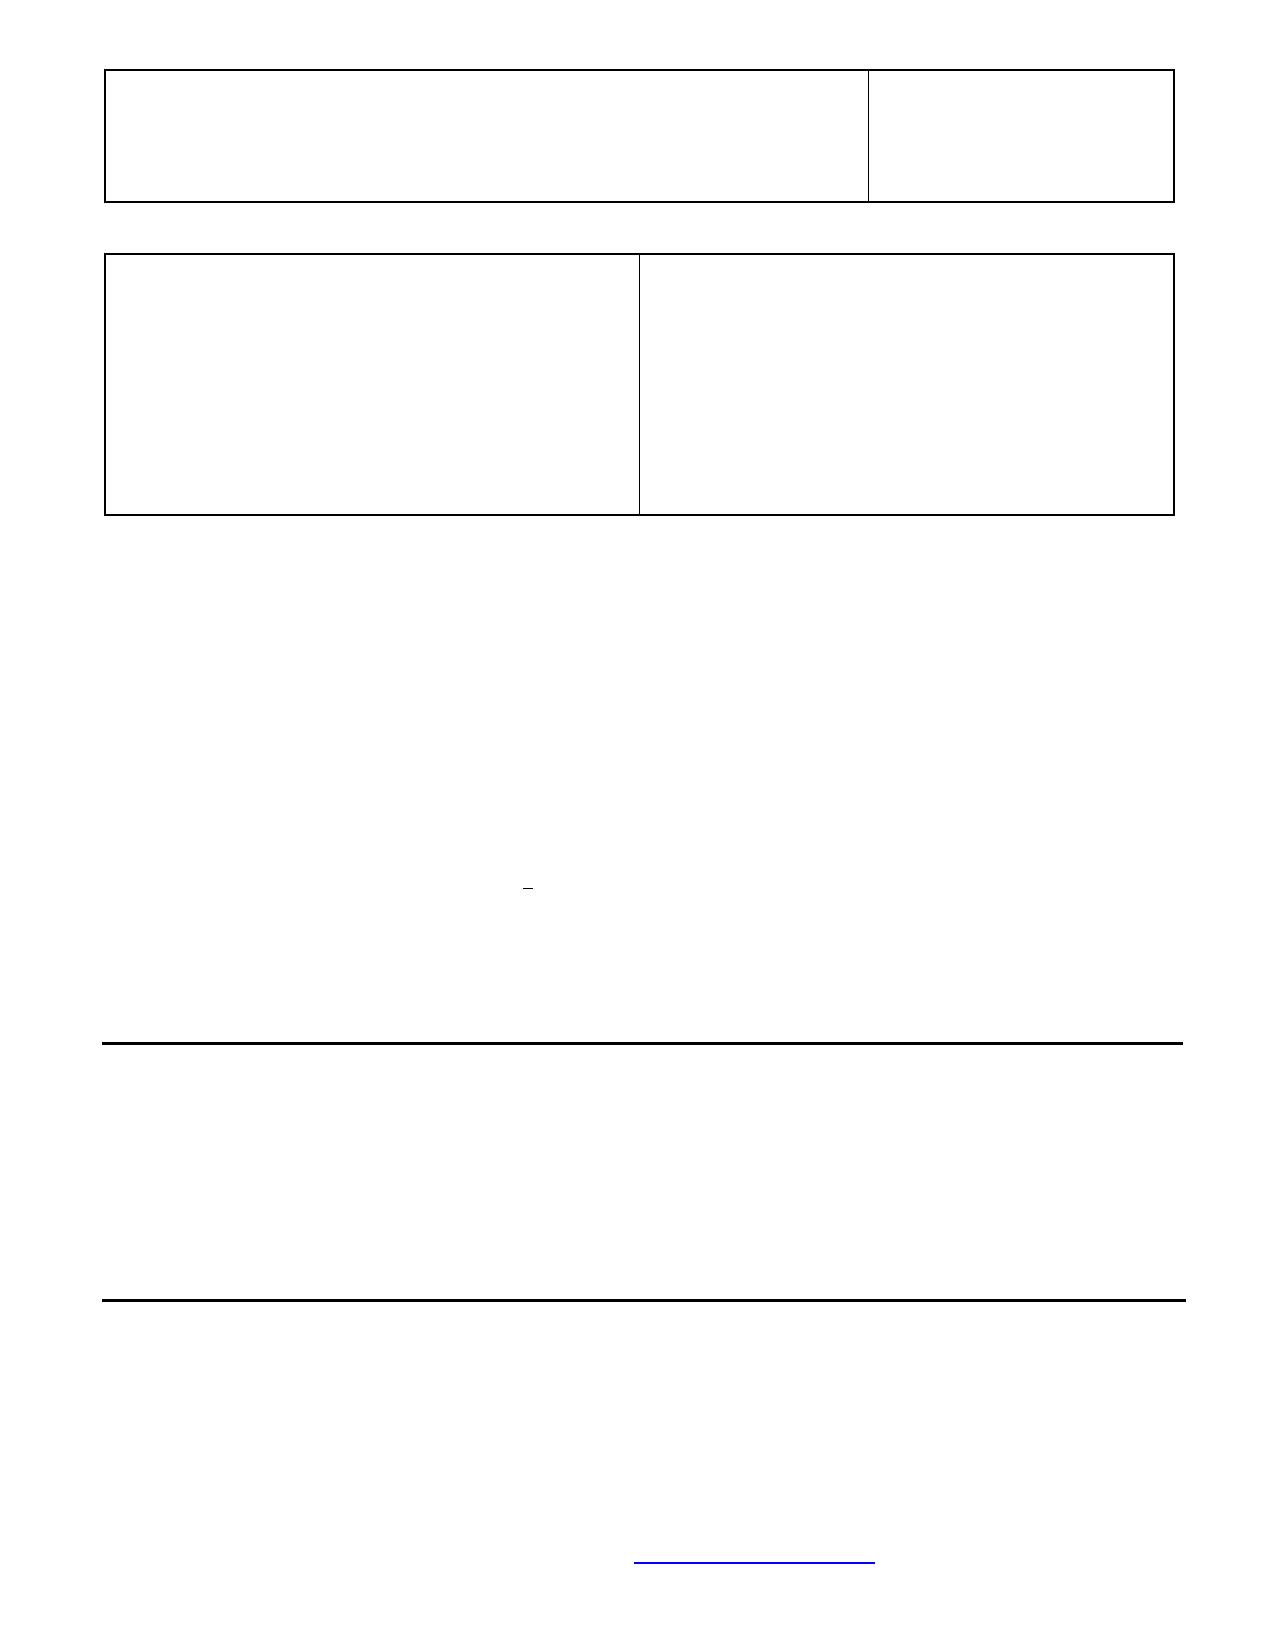 67023-003 دیتاشیت PDF